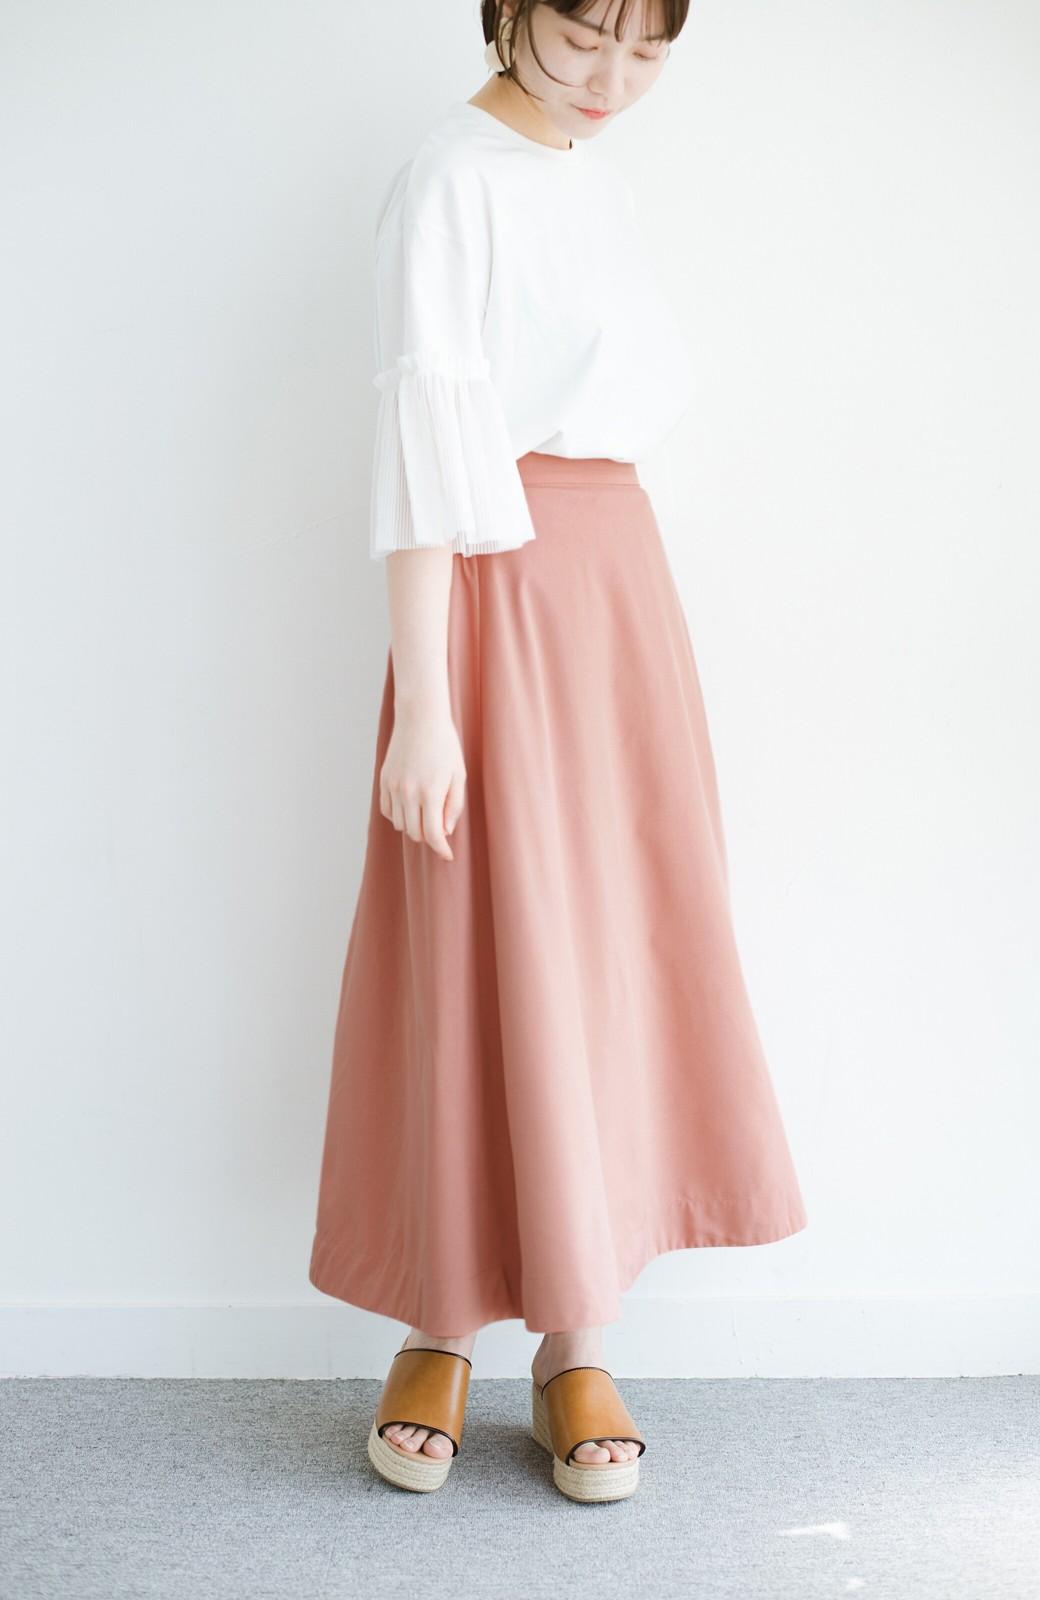 haco! オフィスにもデートにも! 便利なのはきれいに見えて楽ちんなリバーシブルスカート <ピンク系その他>の商品写真9